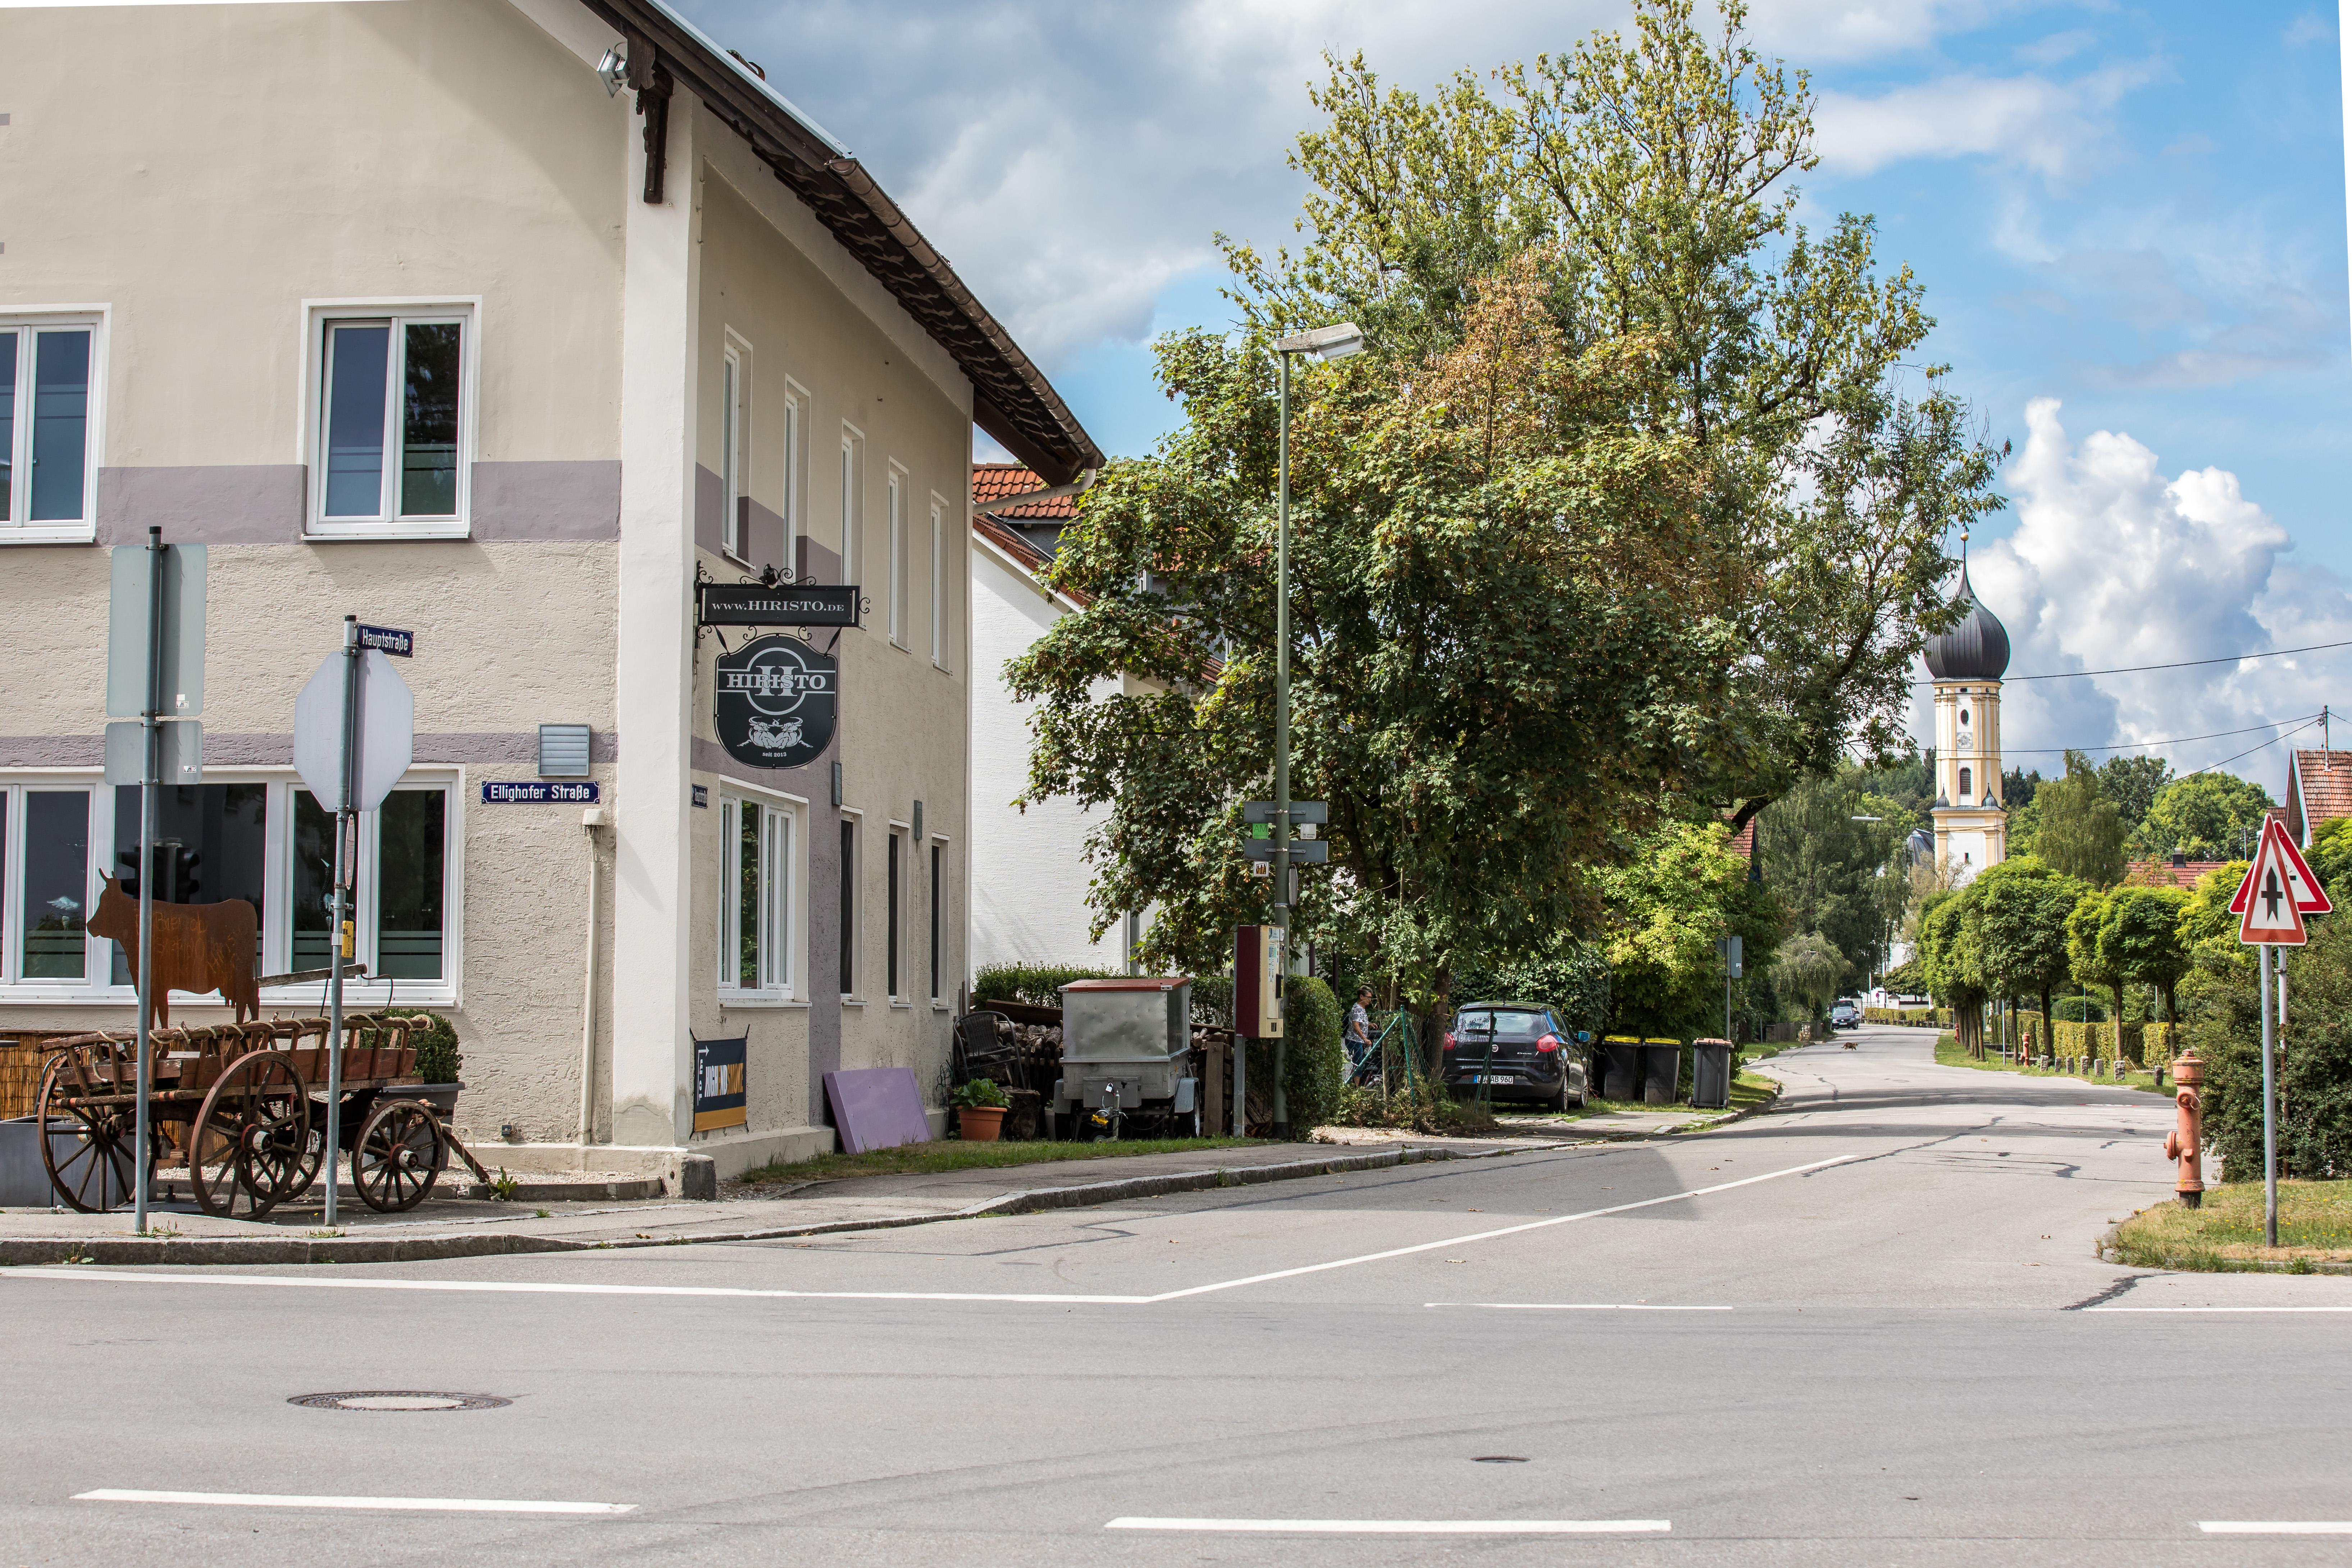 Ortseingang Erpfting mit Gasthaus Hiristo